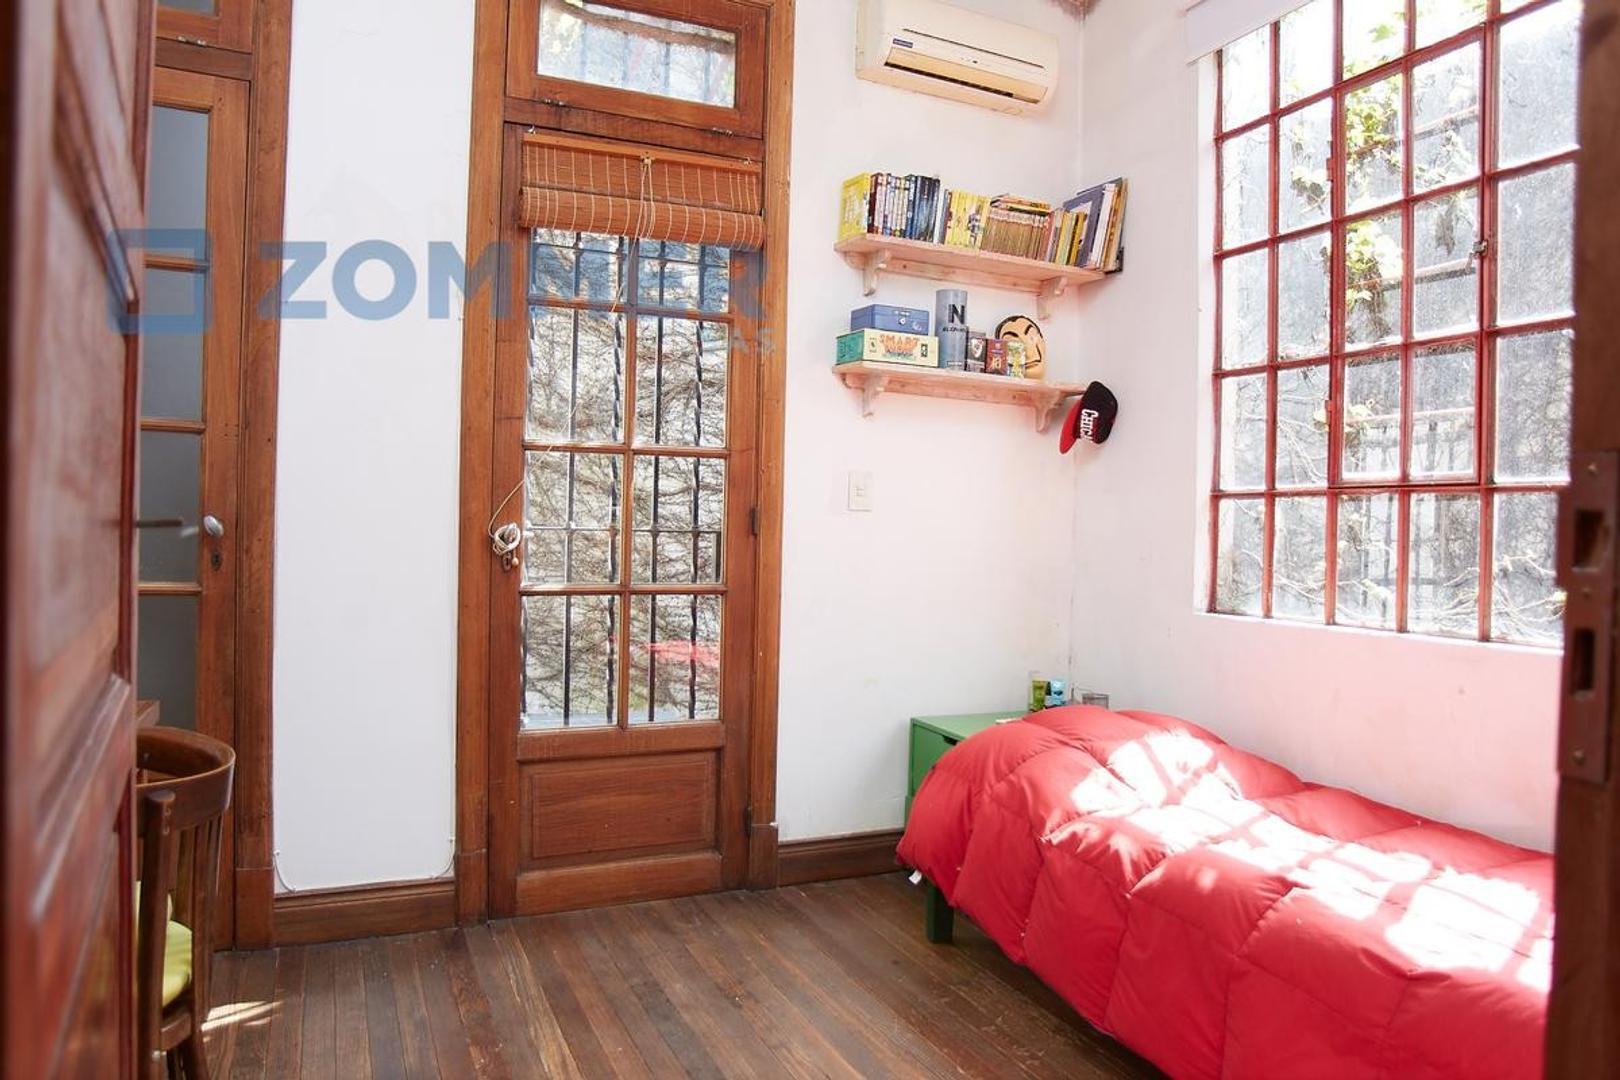 Grecia 3300, Casa de estilo MUCHA LUZ! Núñez cerca de la estacion - Foto 19